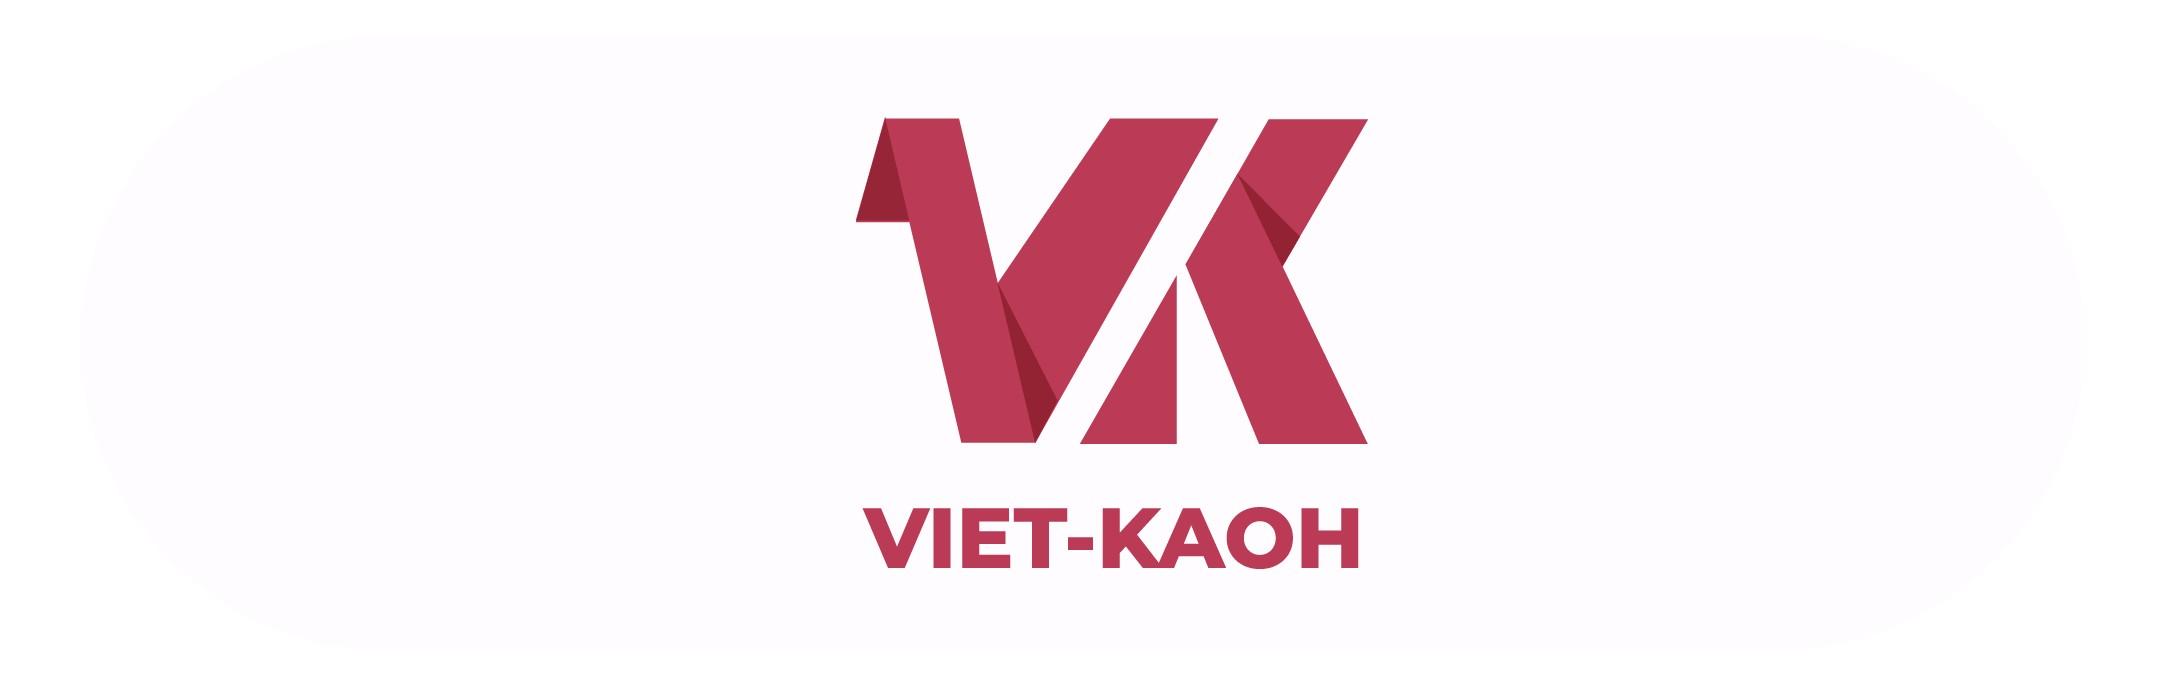 VIET-KAOH